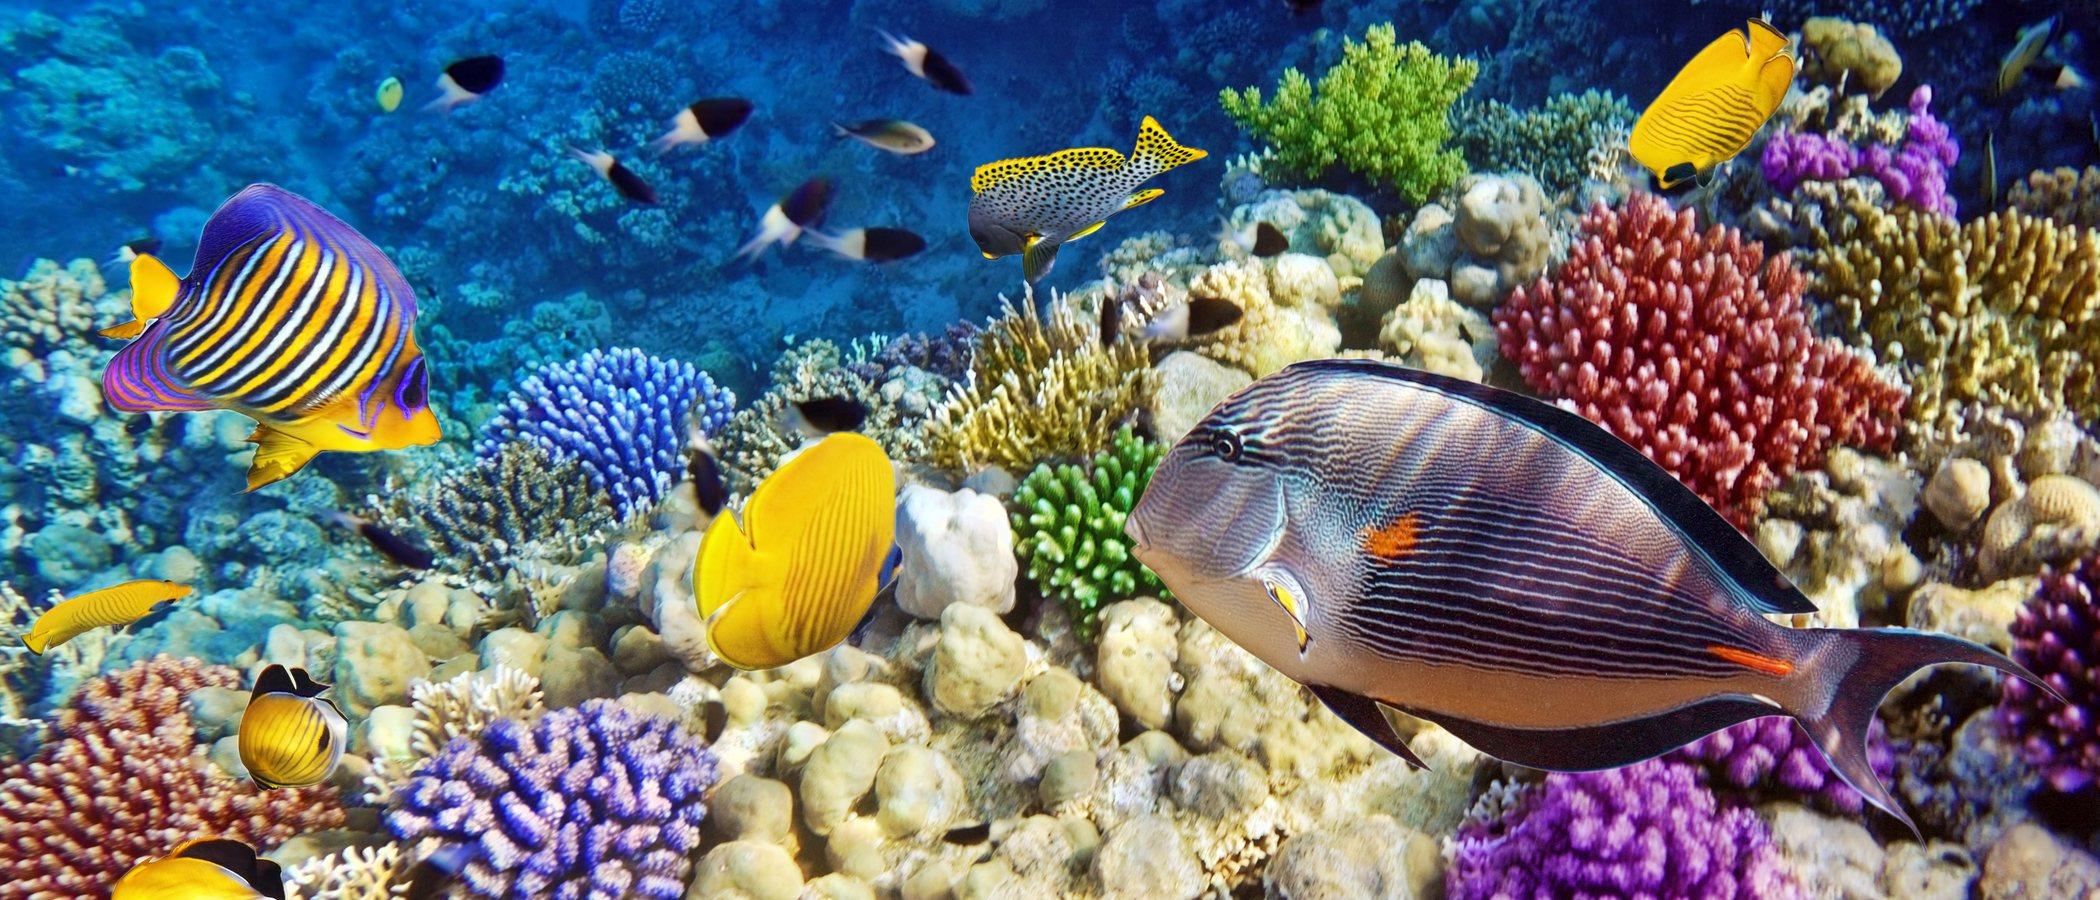 ¿Cuántos años vive un pez?